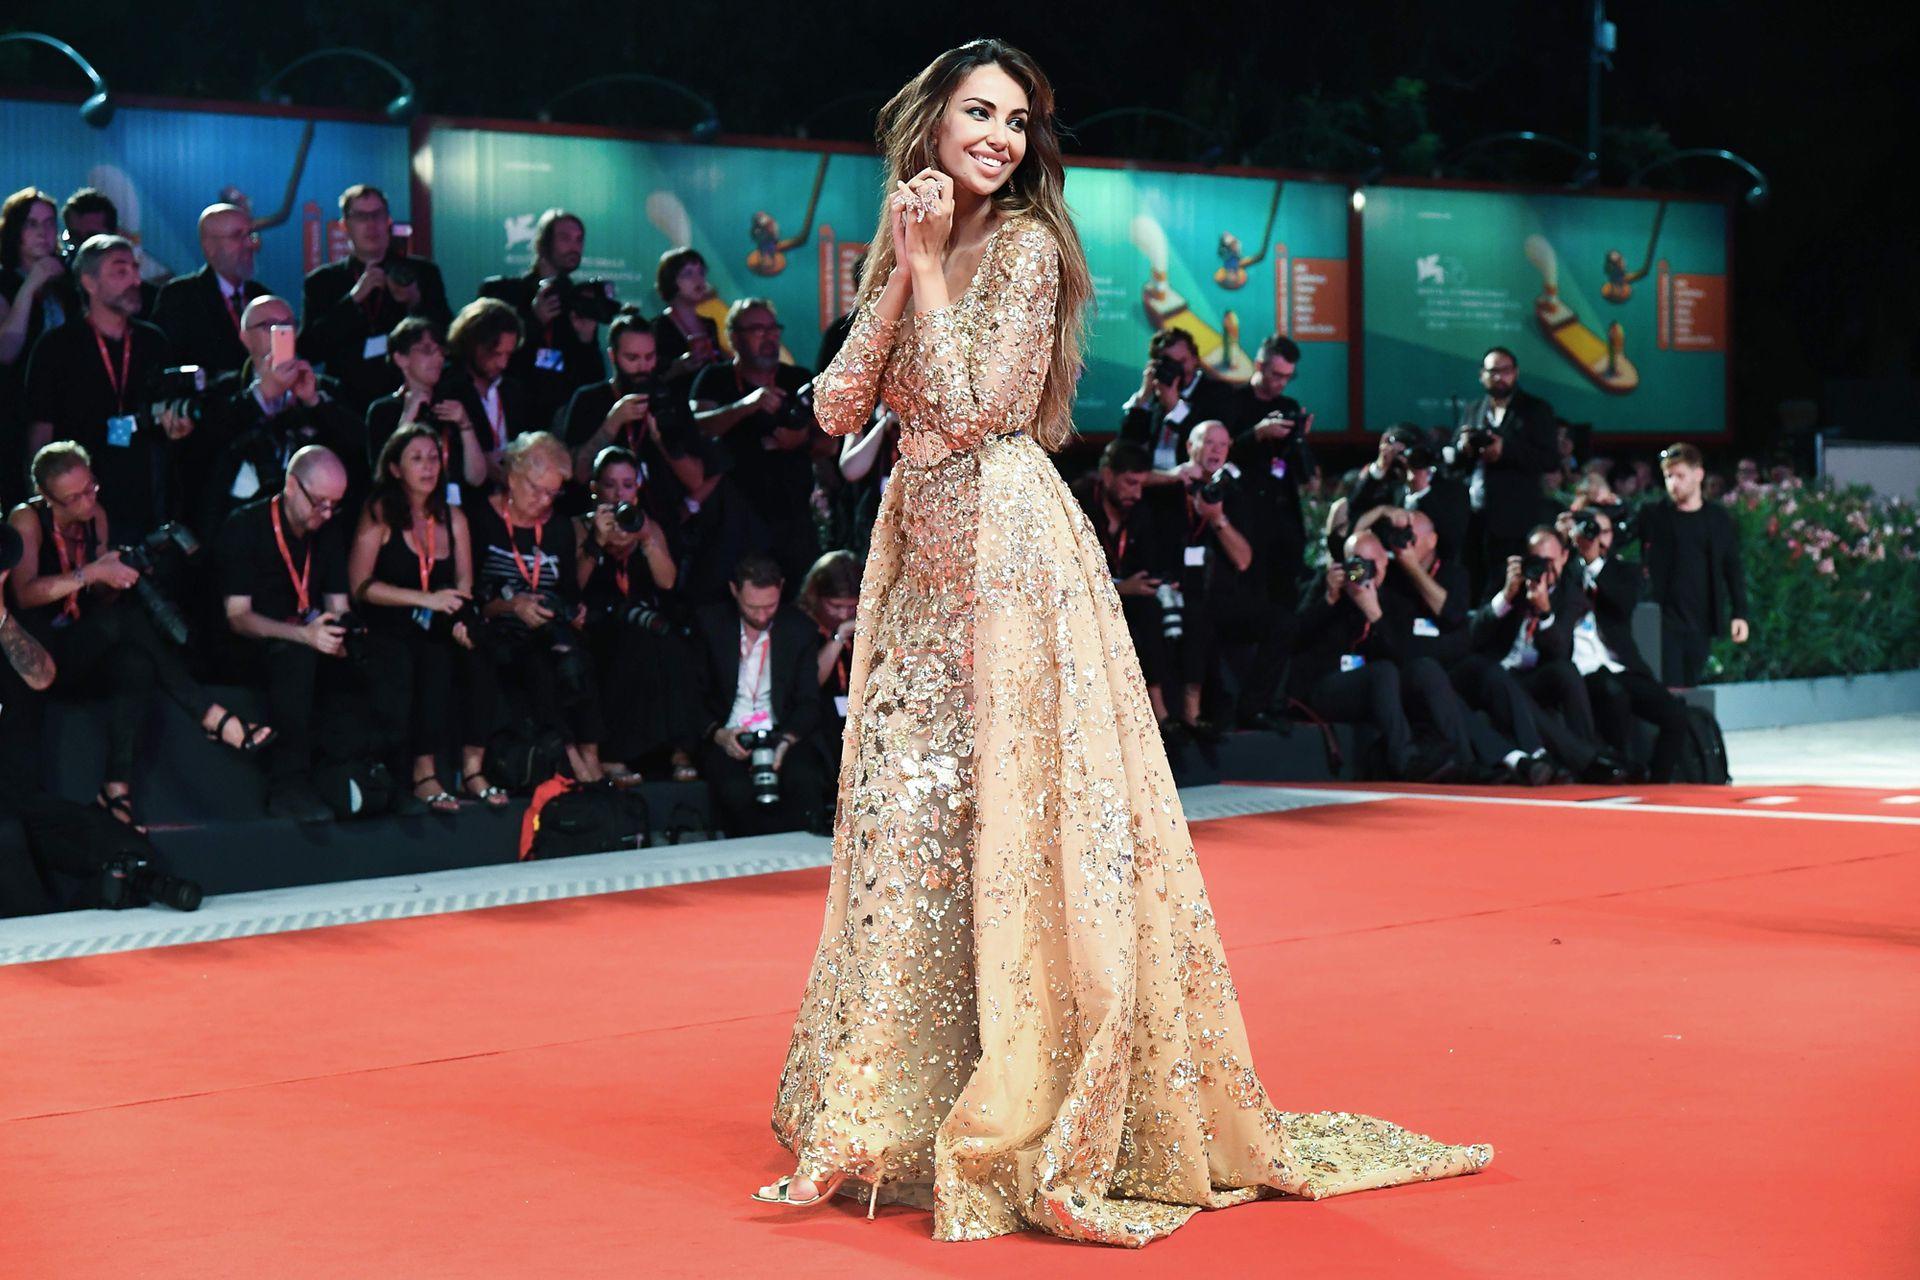 La actriz y modelo rumana Madalina Ghenea